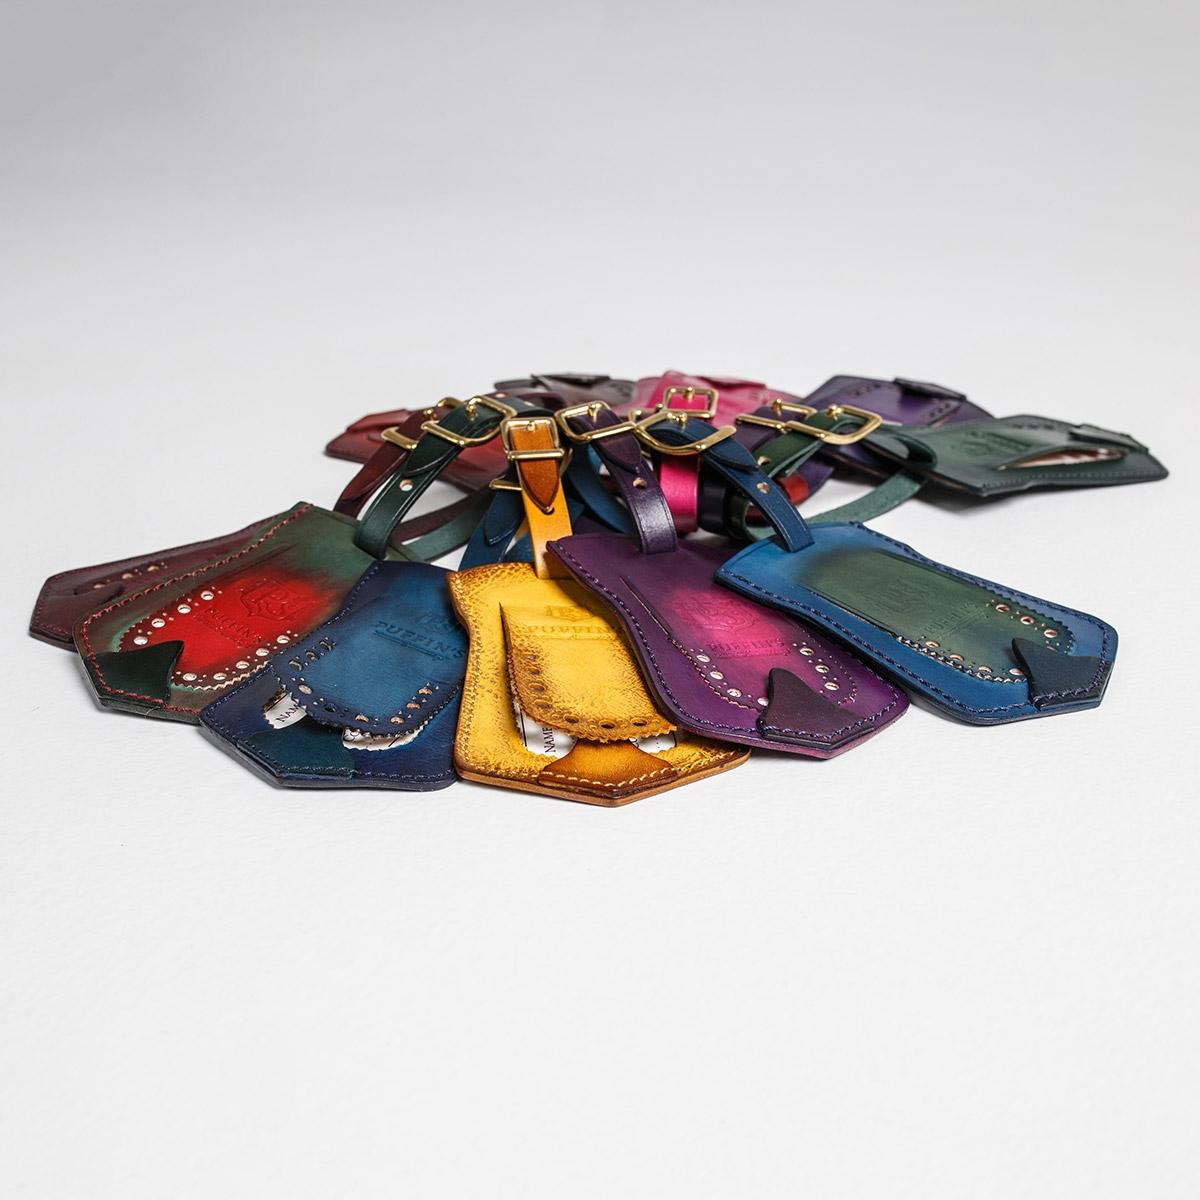 Багажный ярлык TAVARUA персонализированный с патиной пурпурный & чернильный